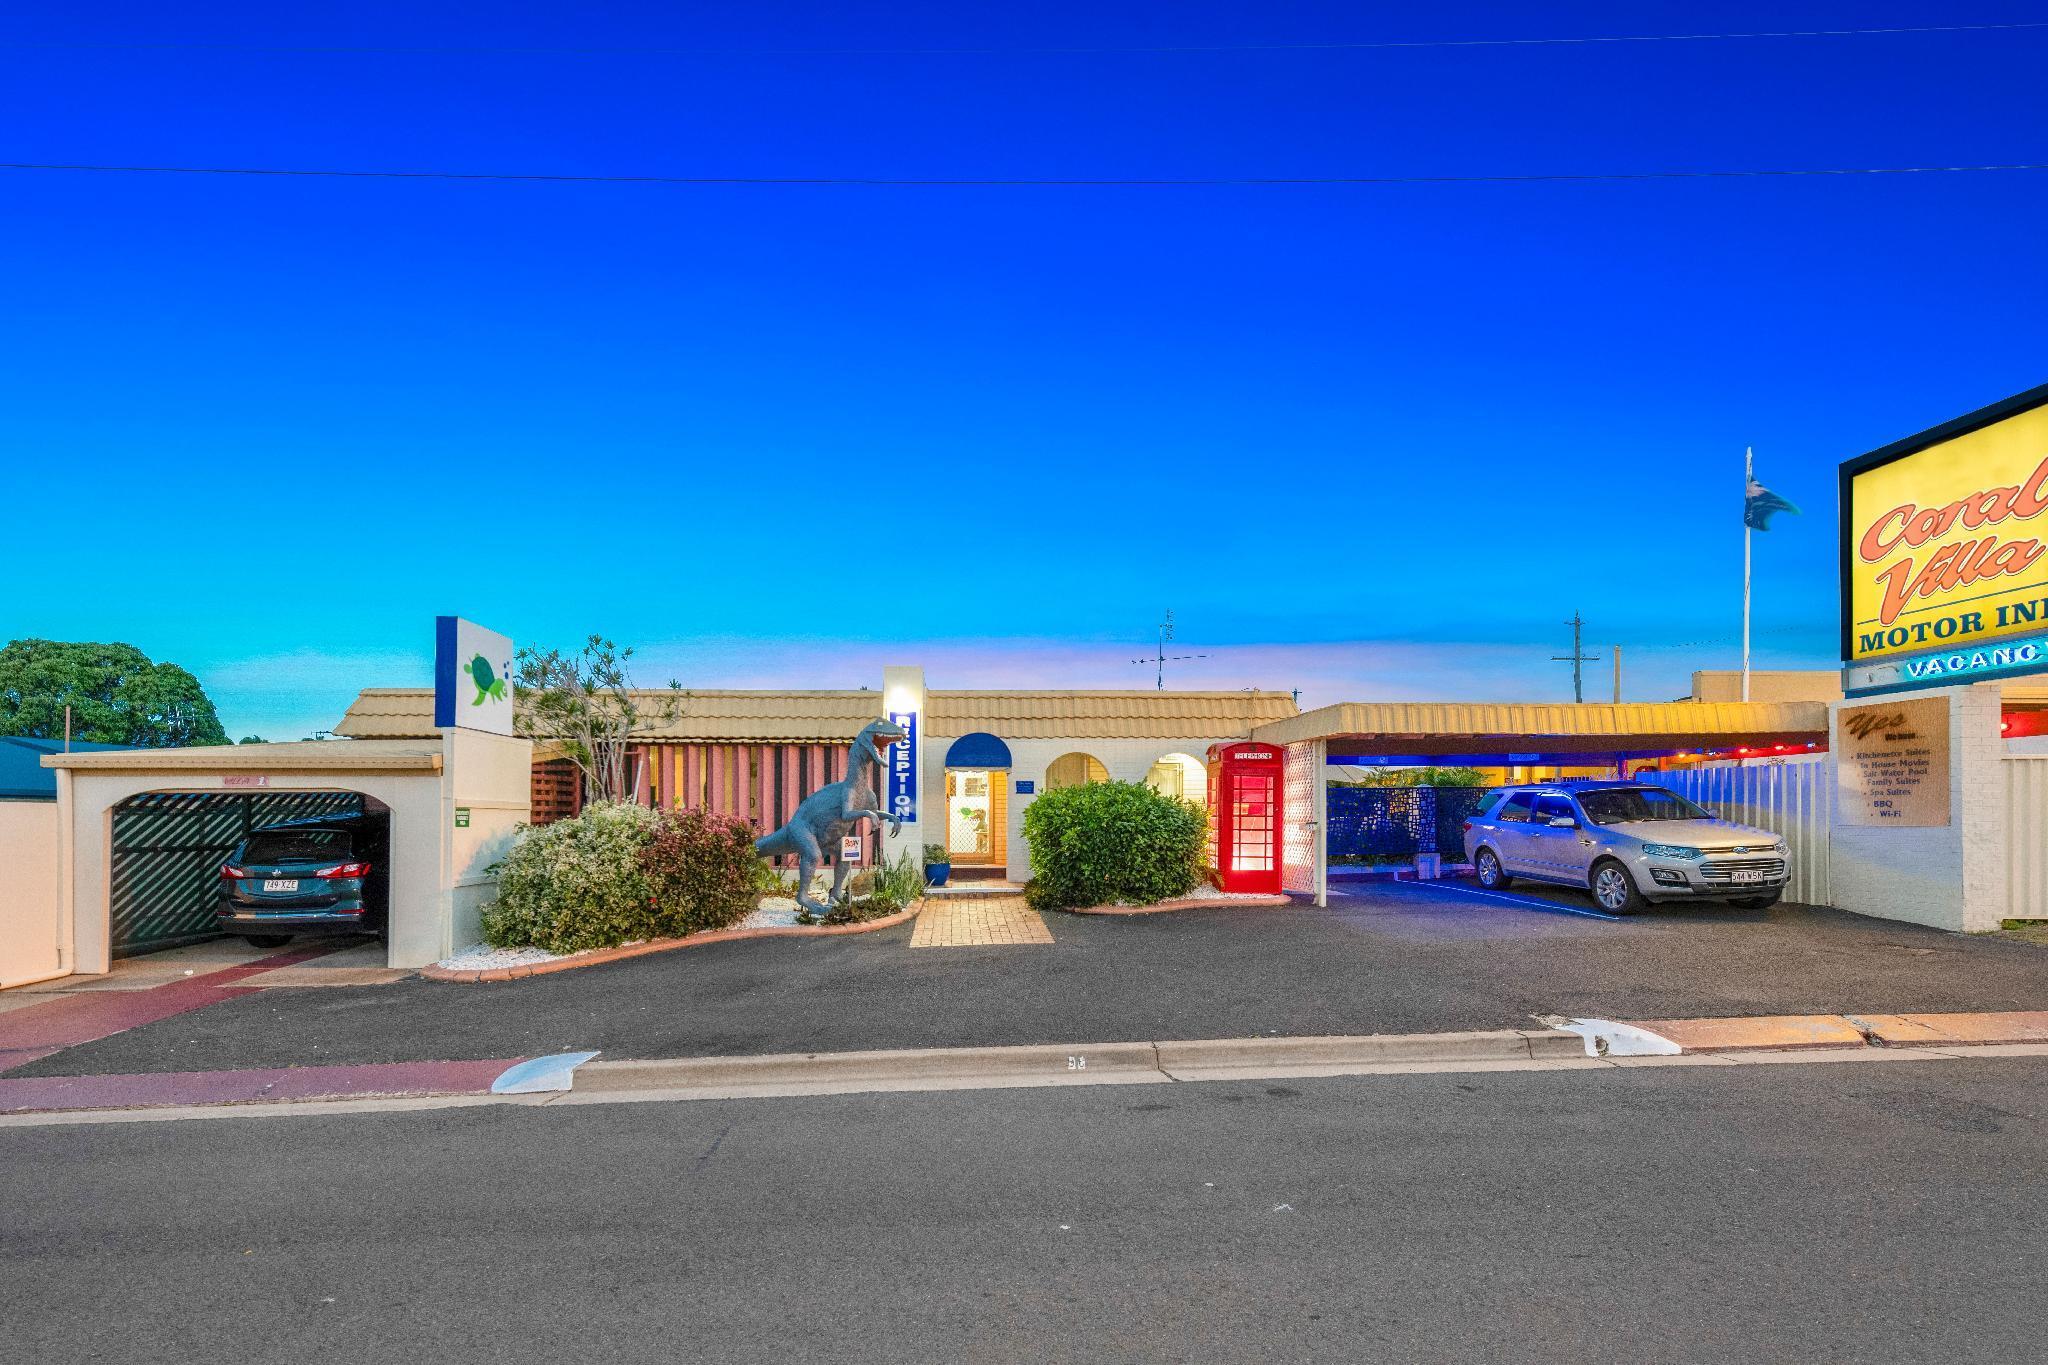 Coral Villa Motor Inn